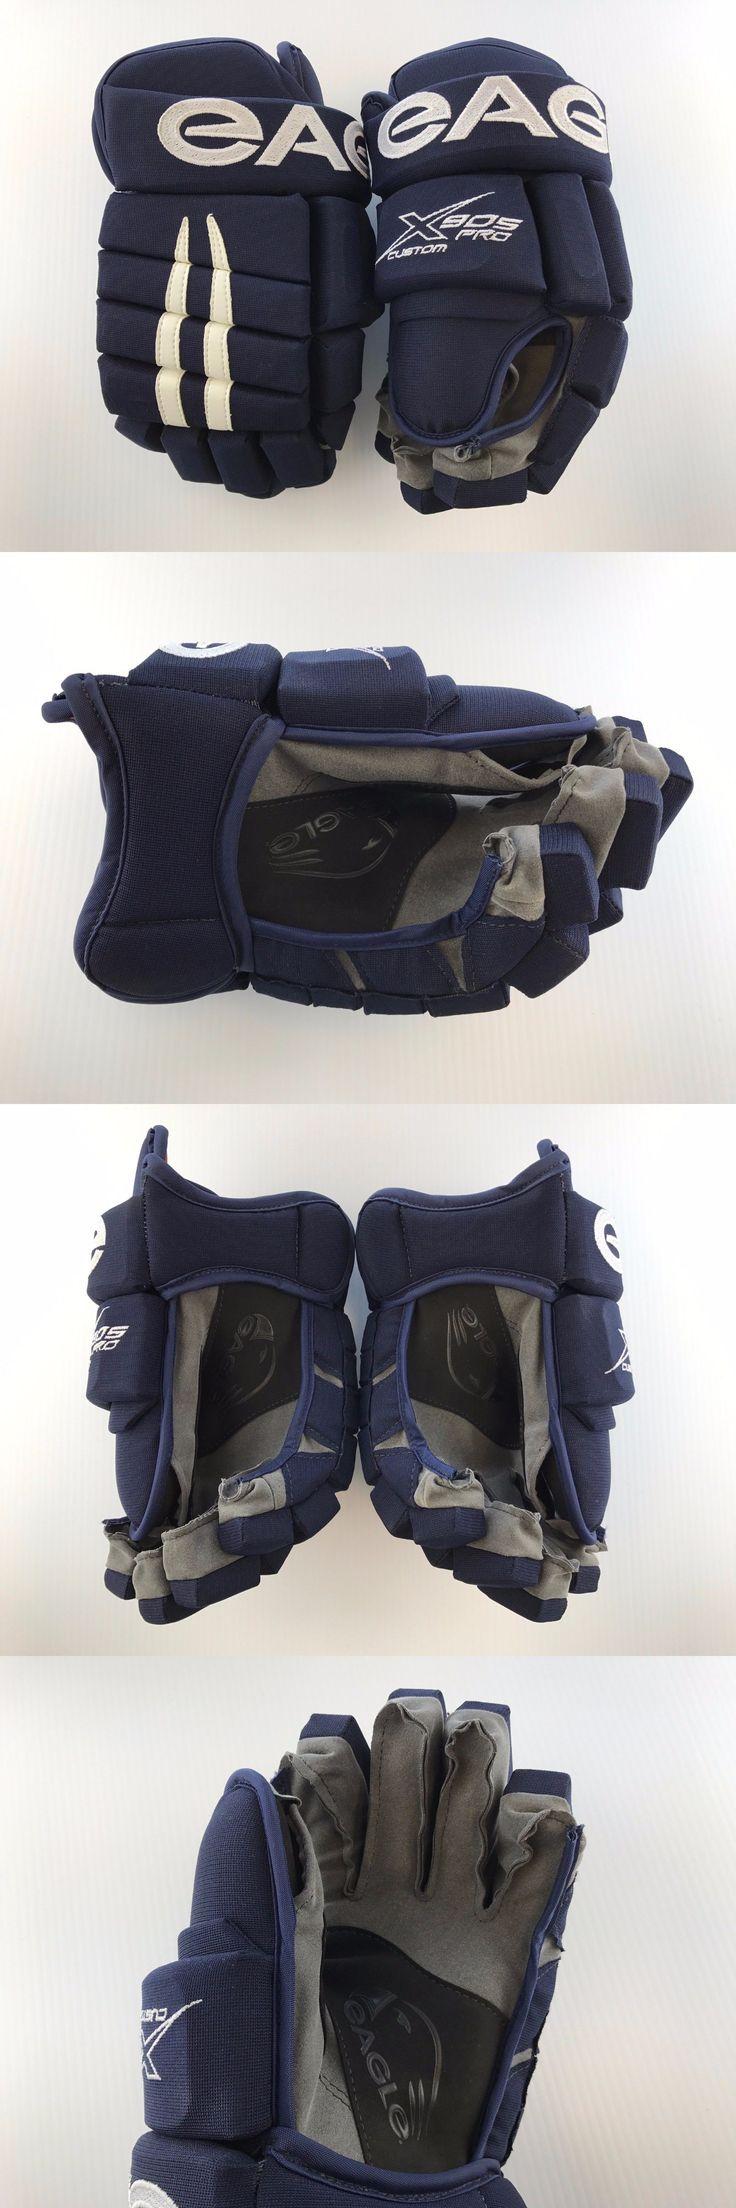 Gloves 20853: New! Custom Eagle X905 Pro Hockey Player Gloves 14 Navy White -> BUY IT NOW ONLY: $99 on eBay!